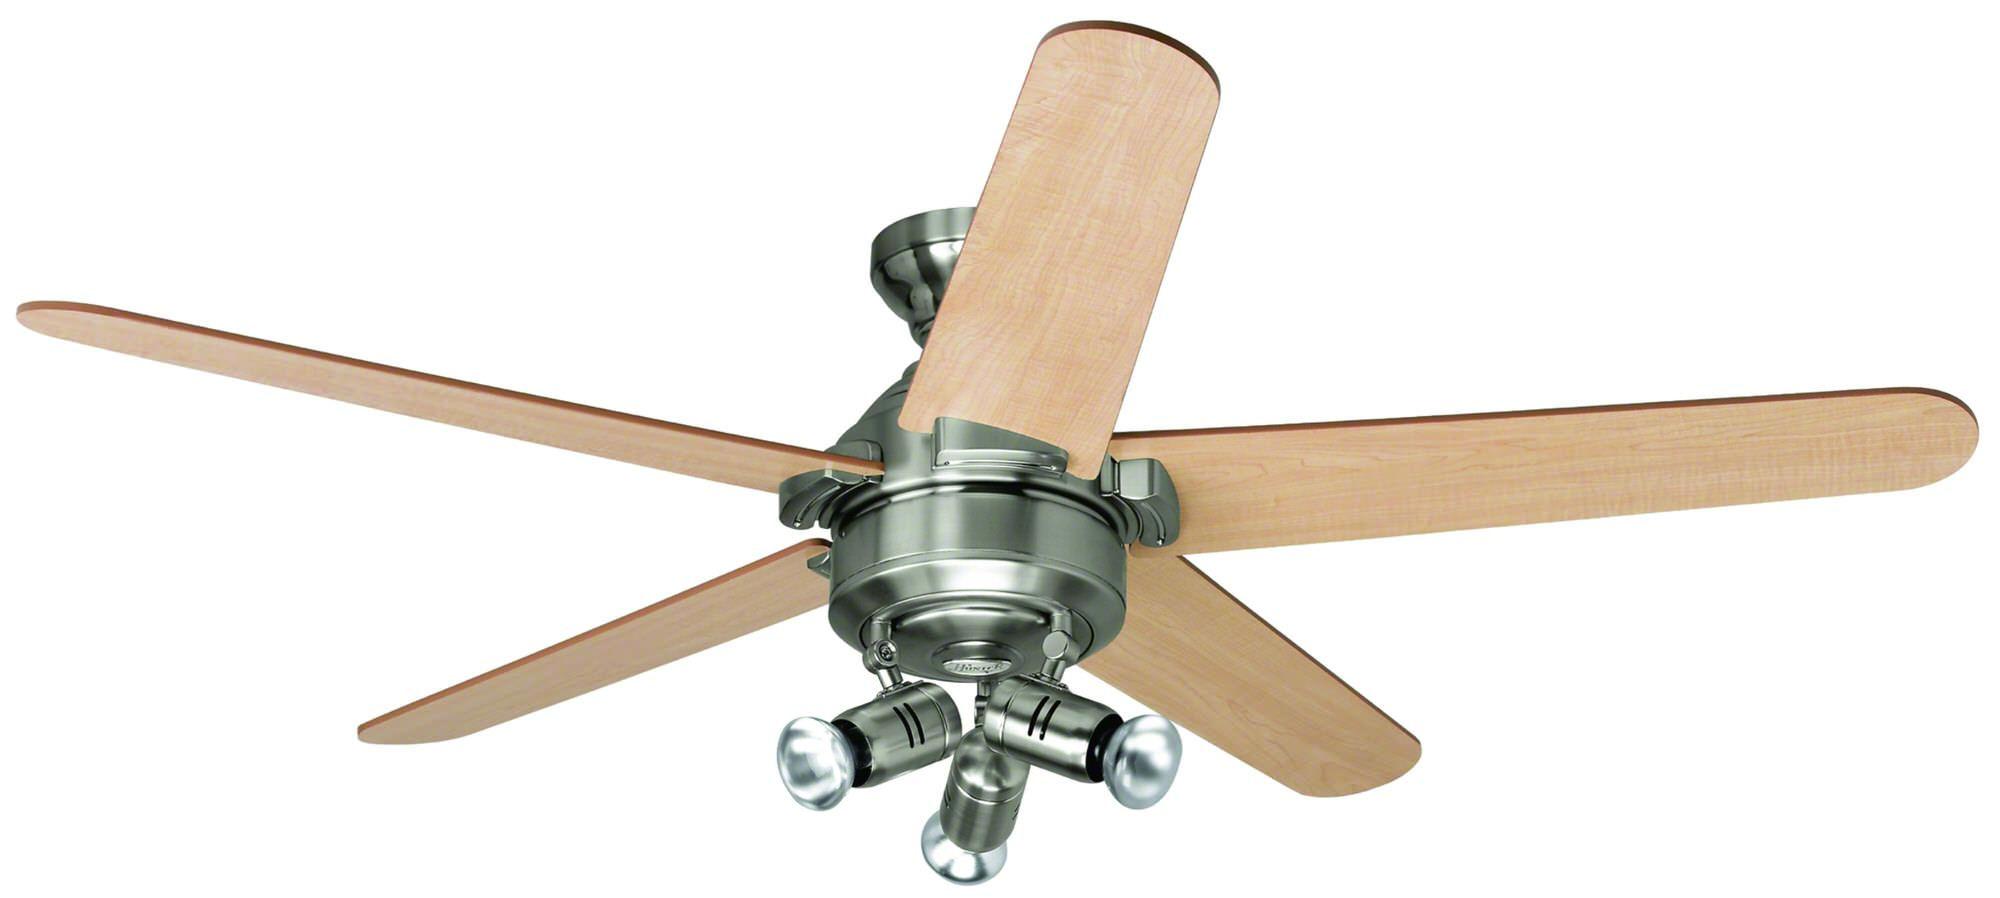 Brushed Nickel Ceiling Fan Light 114390 Depvg